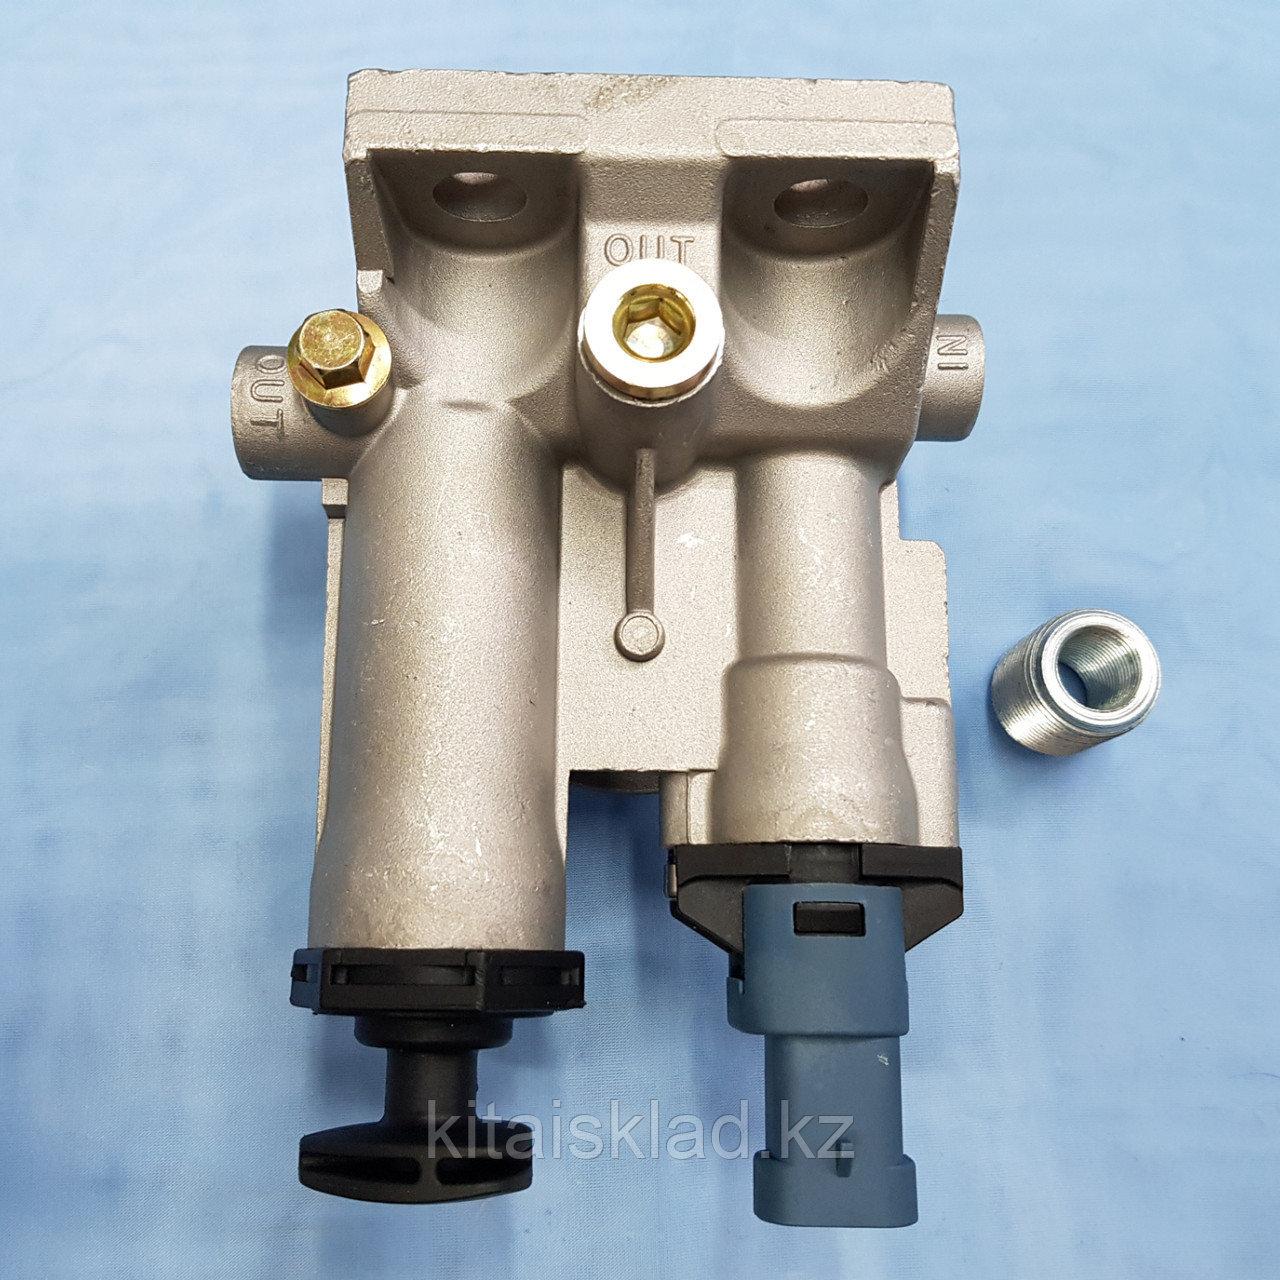 Кронштейн топливного фильтра 6ISBE CUMMINS Камаз FH22238